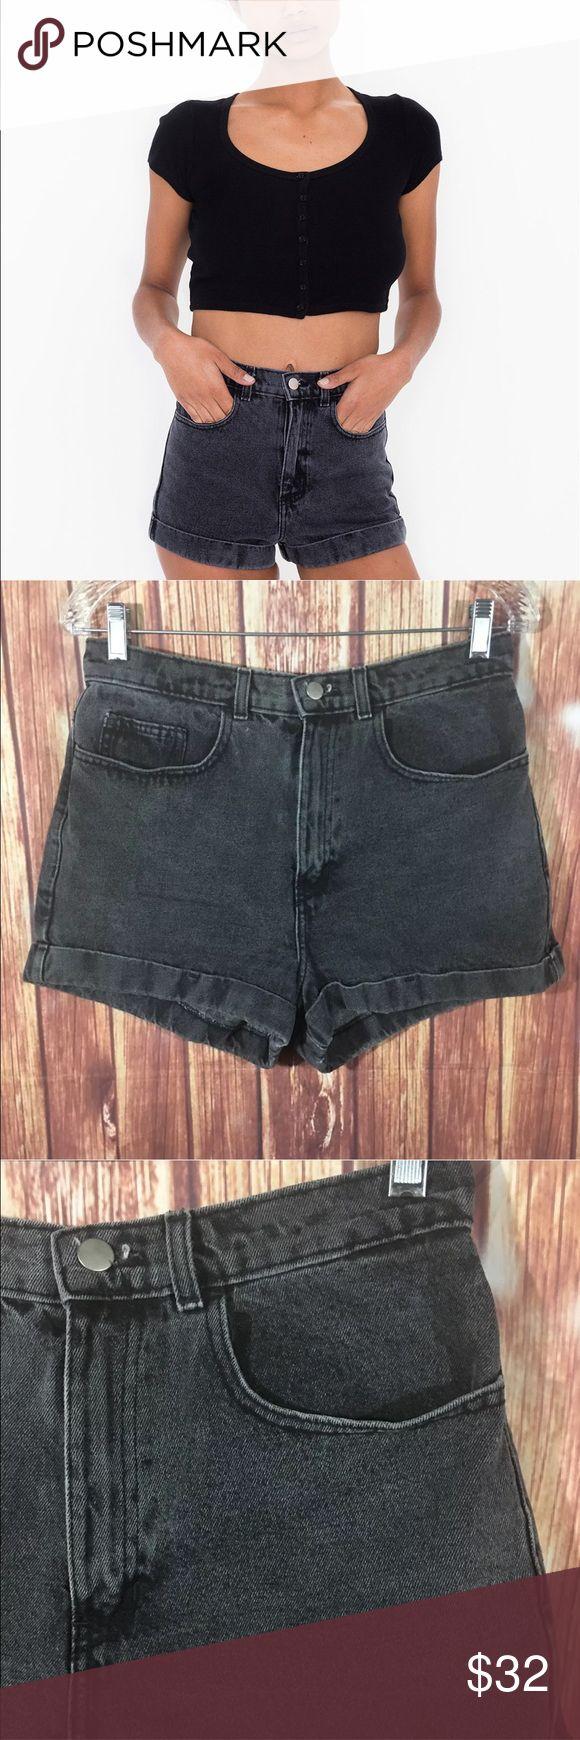 """American Apparel High-Waist Jean Short American Apparel shorts, women's size 30.   Waist 30"""" length 13"""" inseam 2"""" American Apparel Shorts Jean Shorts"""